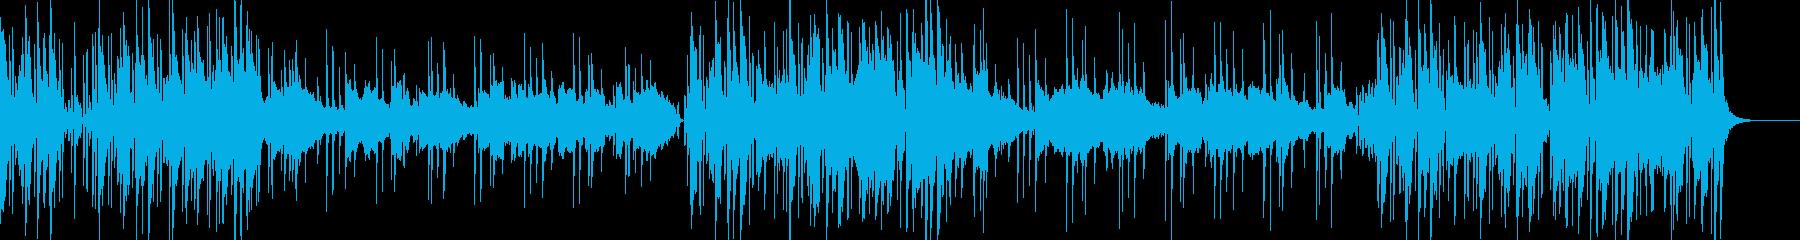 PopでRandB なグルーヴ曲の再生済みの波形